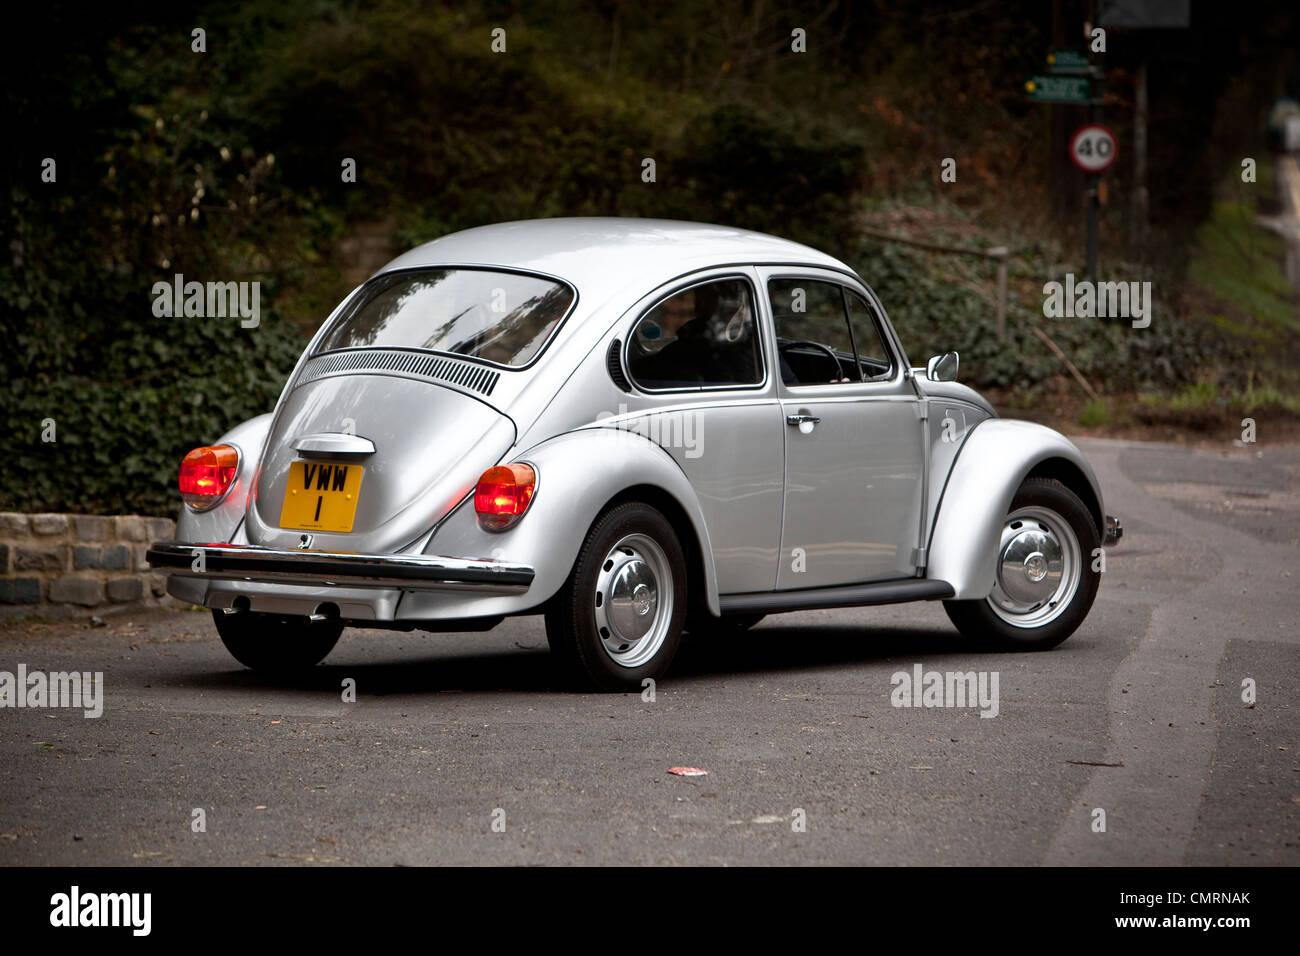 Volkswagen Beetle type 1 Rear - Stock Image